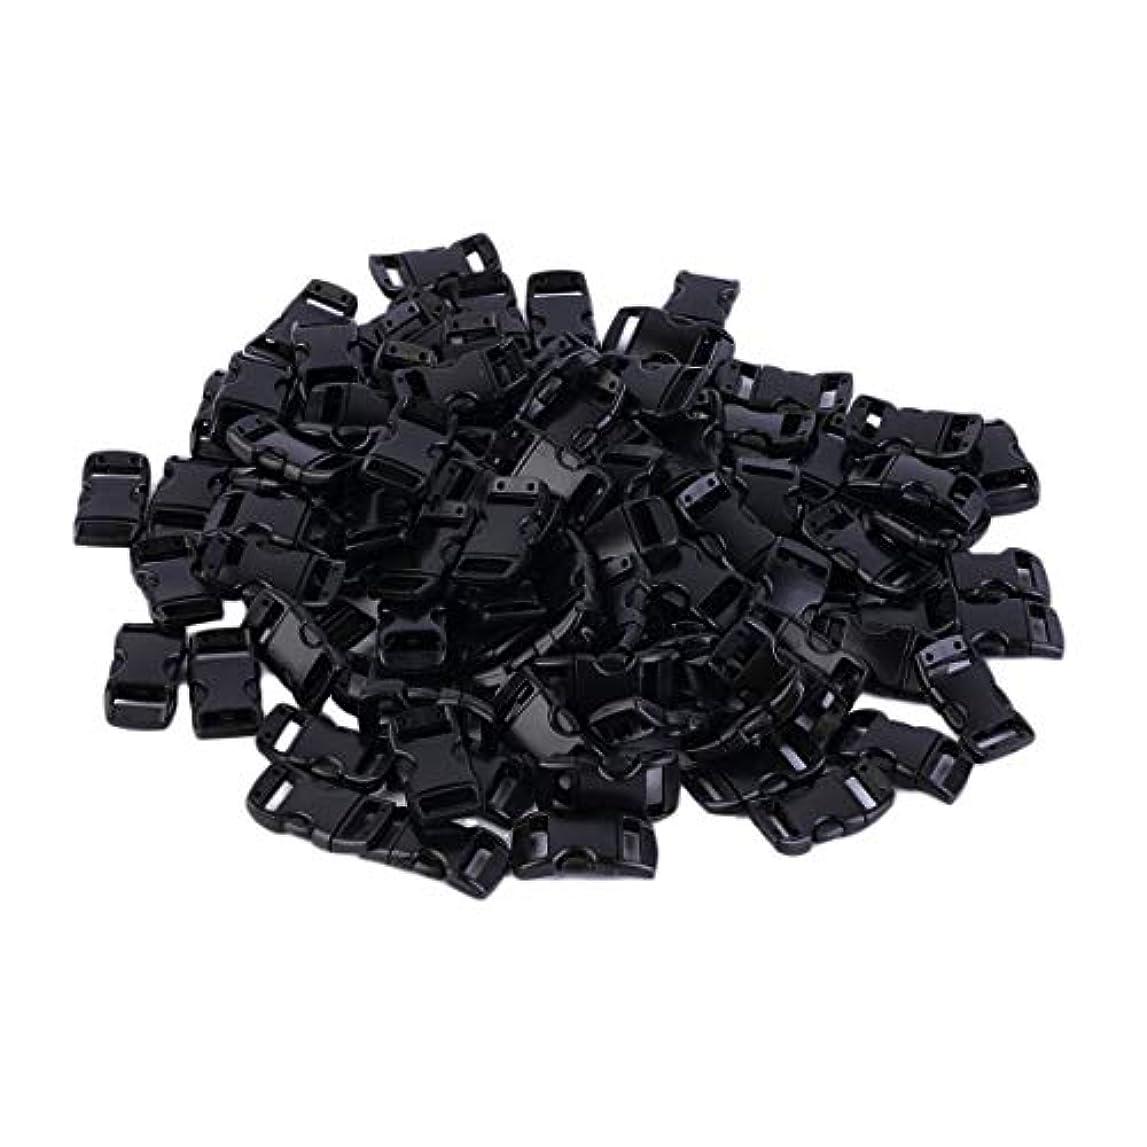 最大限故意に機関車Blackfell プラスチック100個ウェビングスロット3/8インチ輪郭の湾曲したサイドリリースバックル用パラコードブレスレット約28 x 18 mm